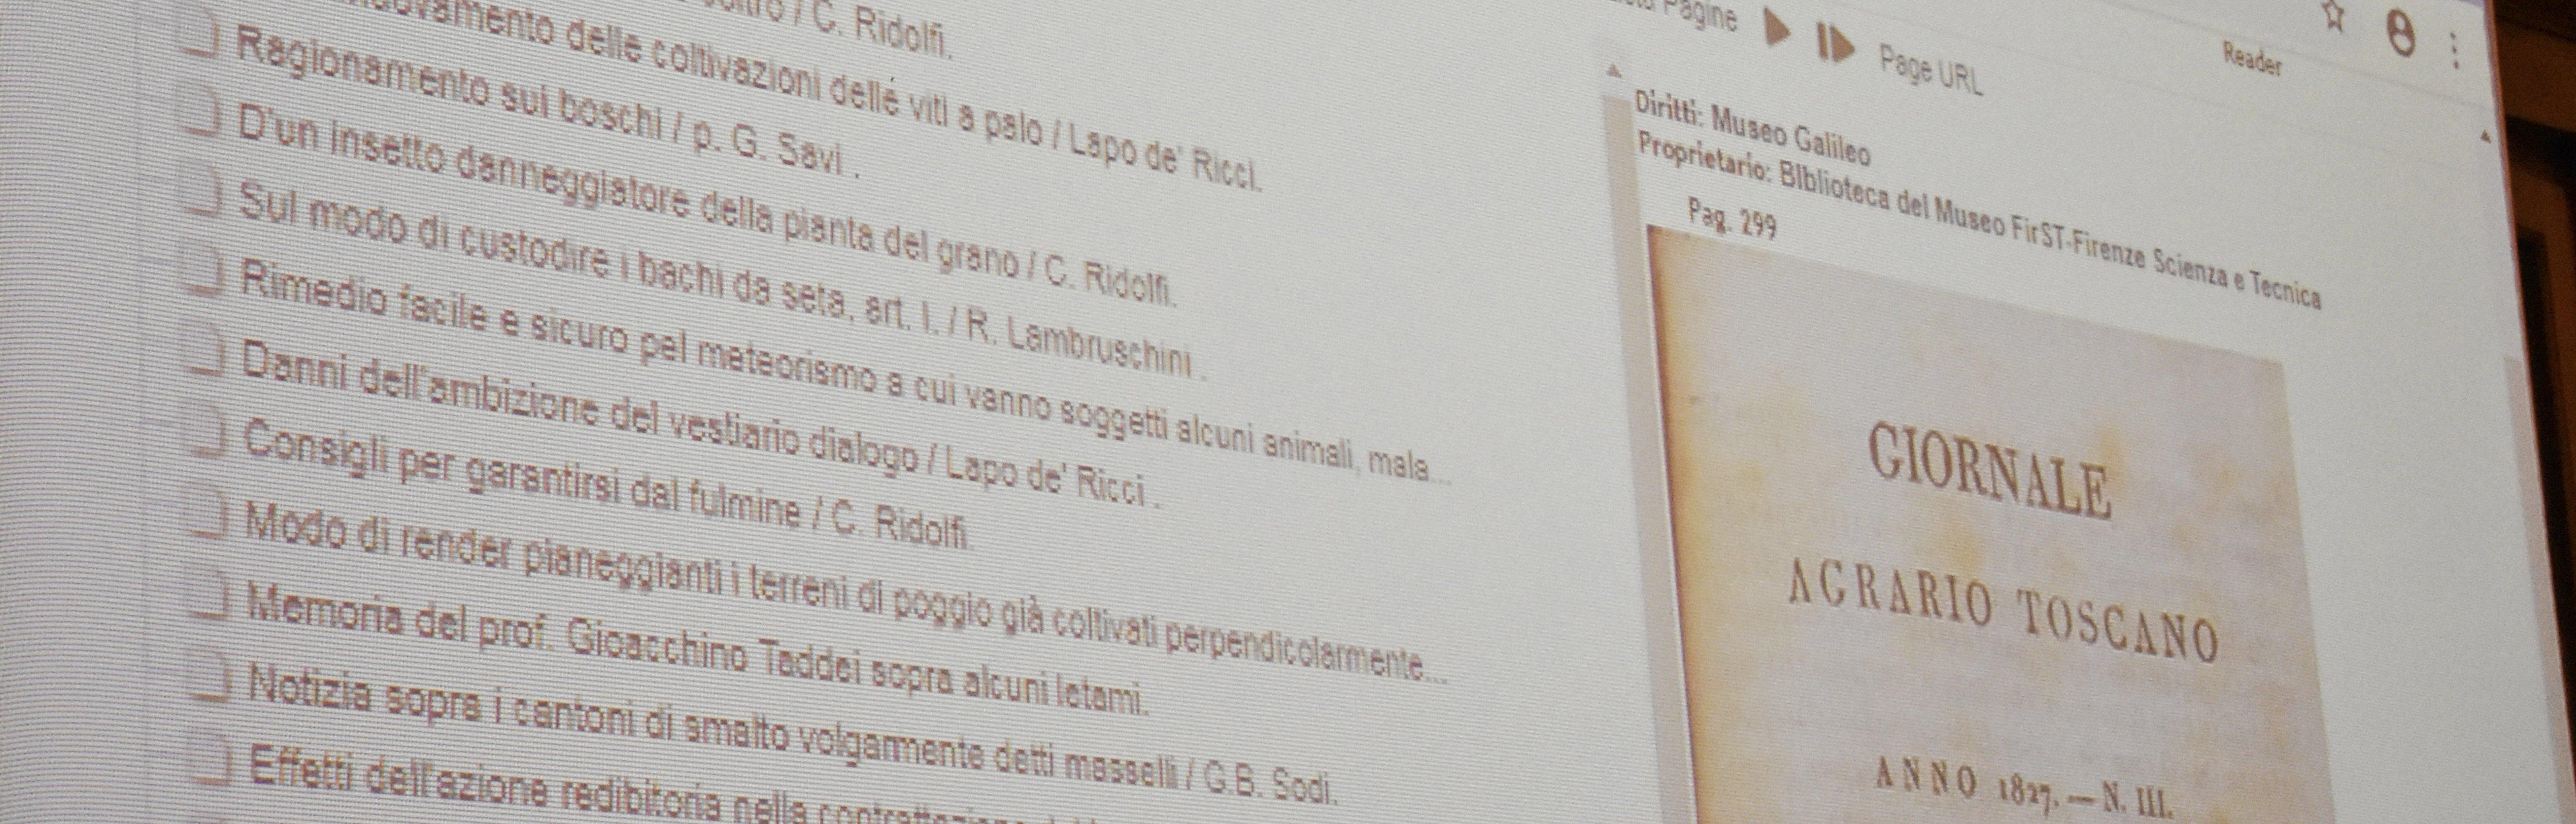 Fondazione Scienza e Tecnica: presentato il Giornale Agrario online